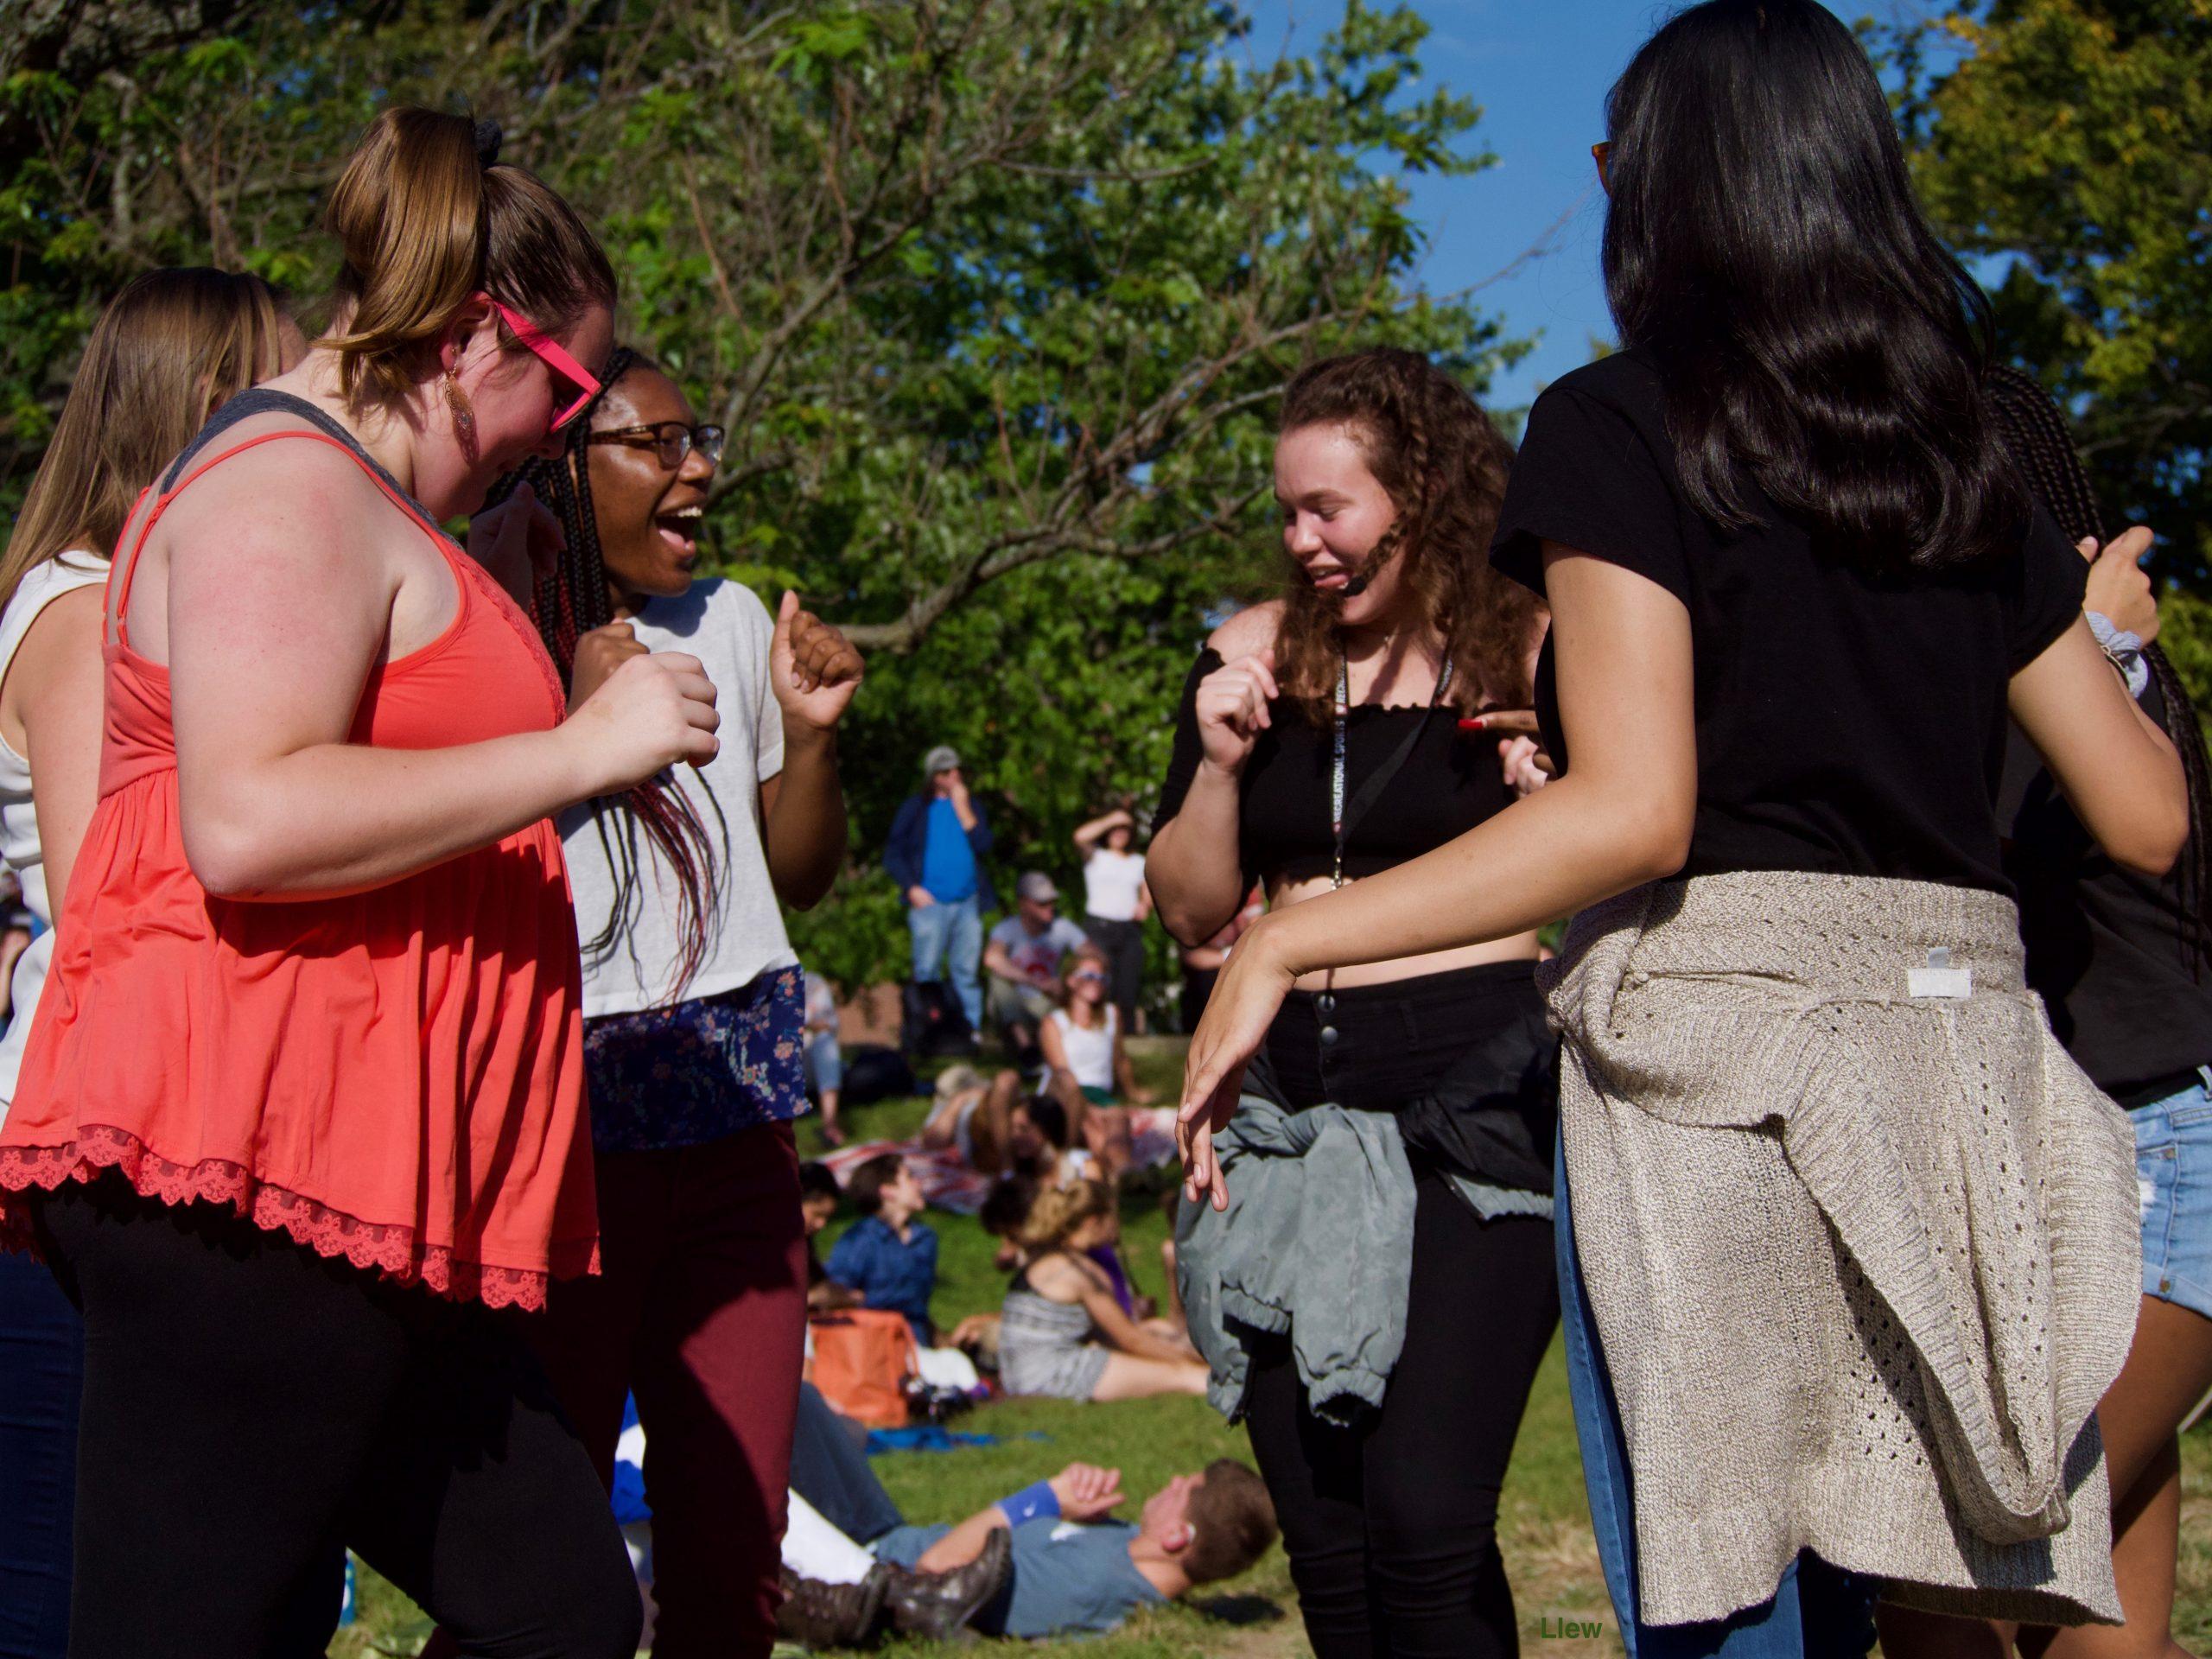 Women Dancing at Lotus in the Park